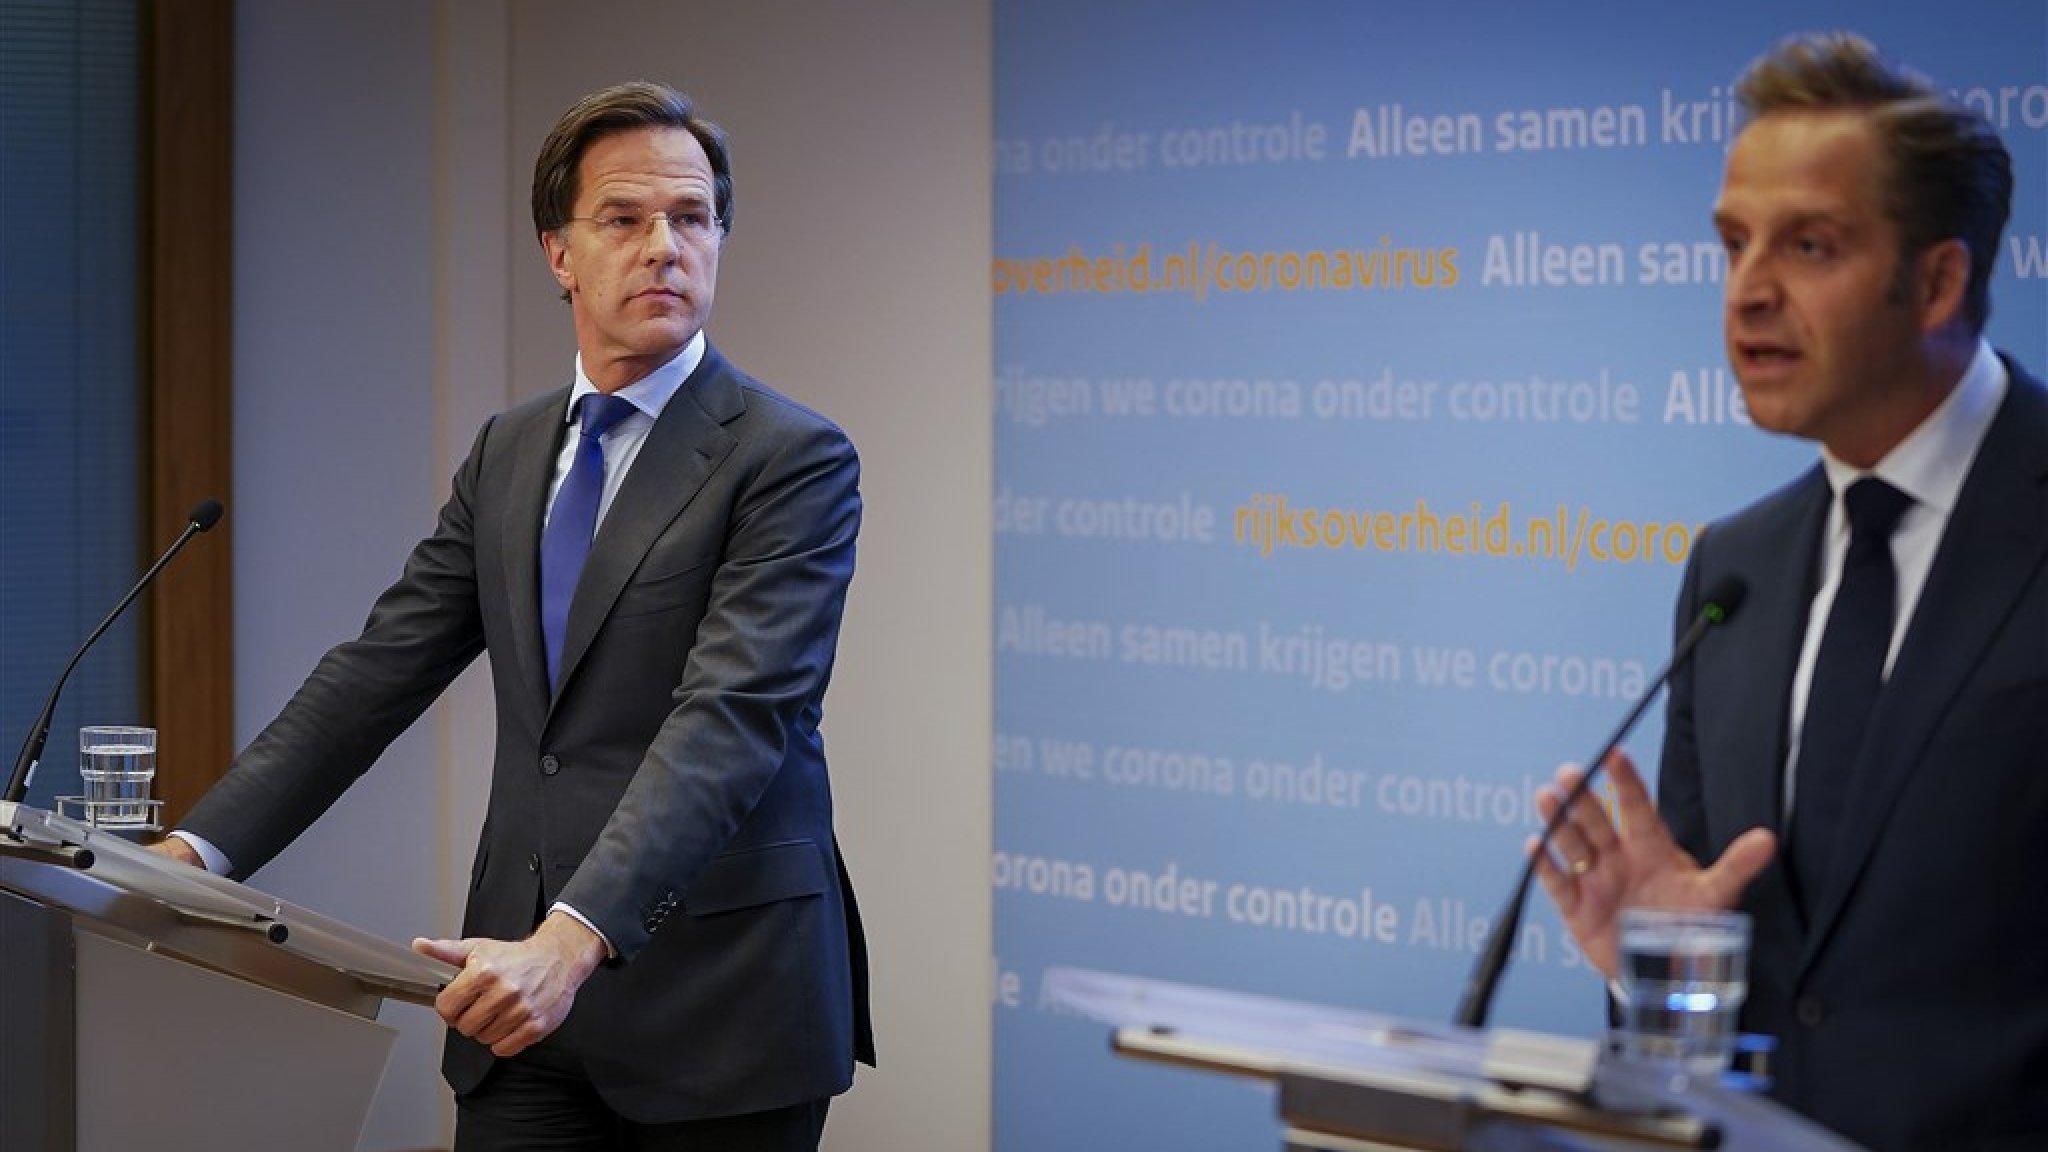 مؤتمر صحفي آخر حول أزمة كورونا، مع تدابير جديدة محتملة